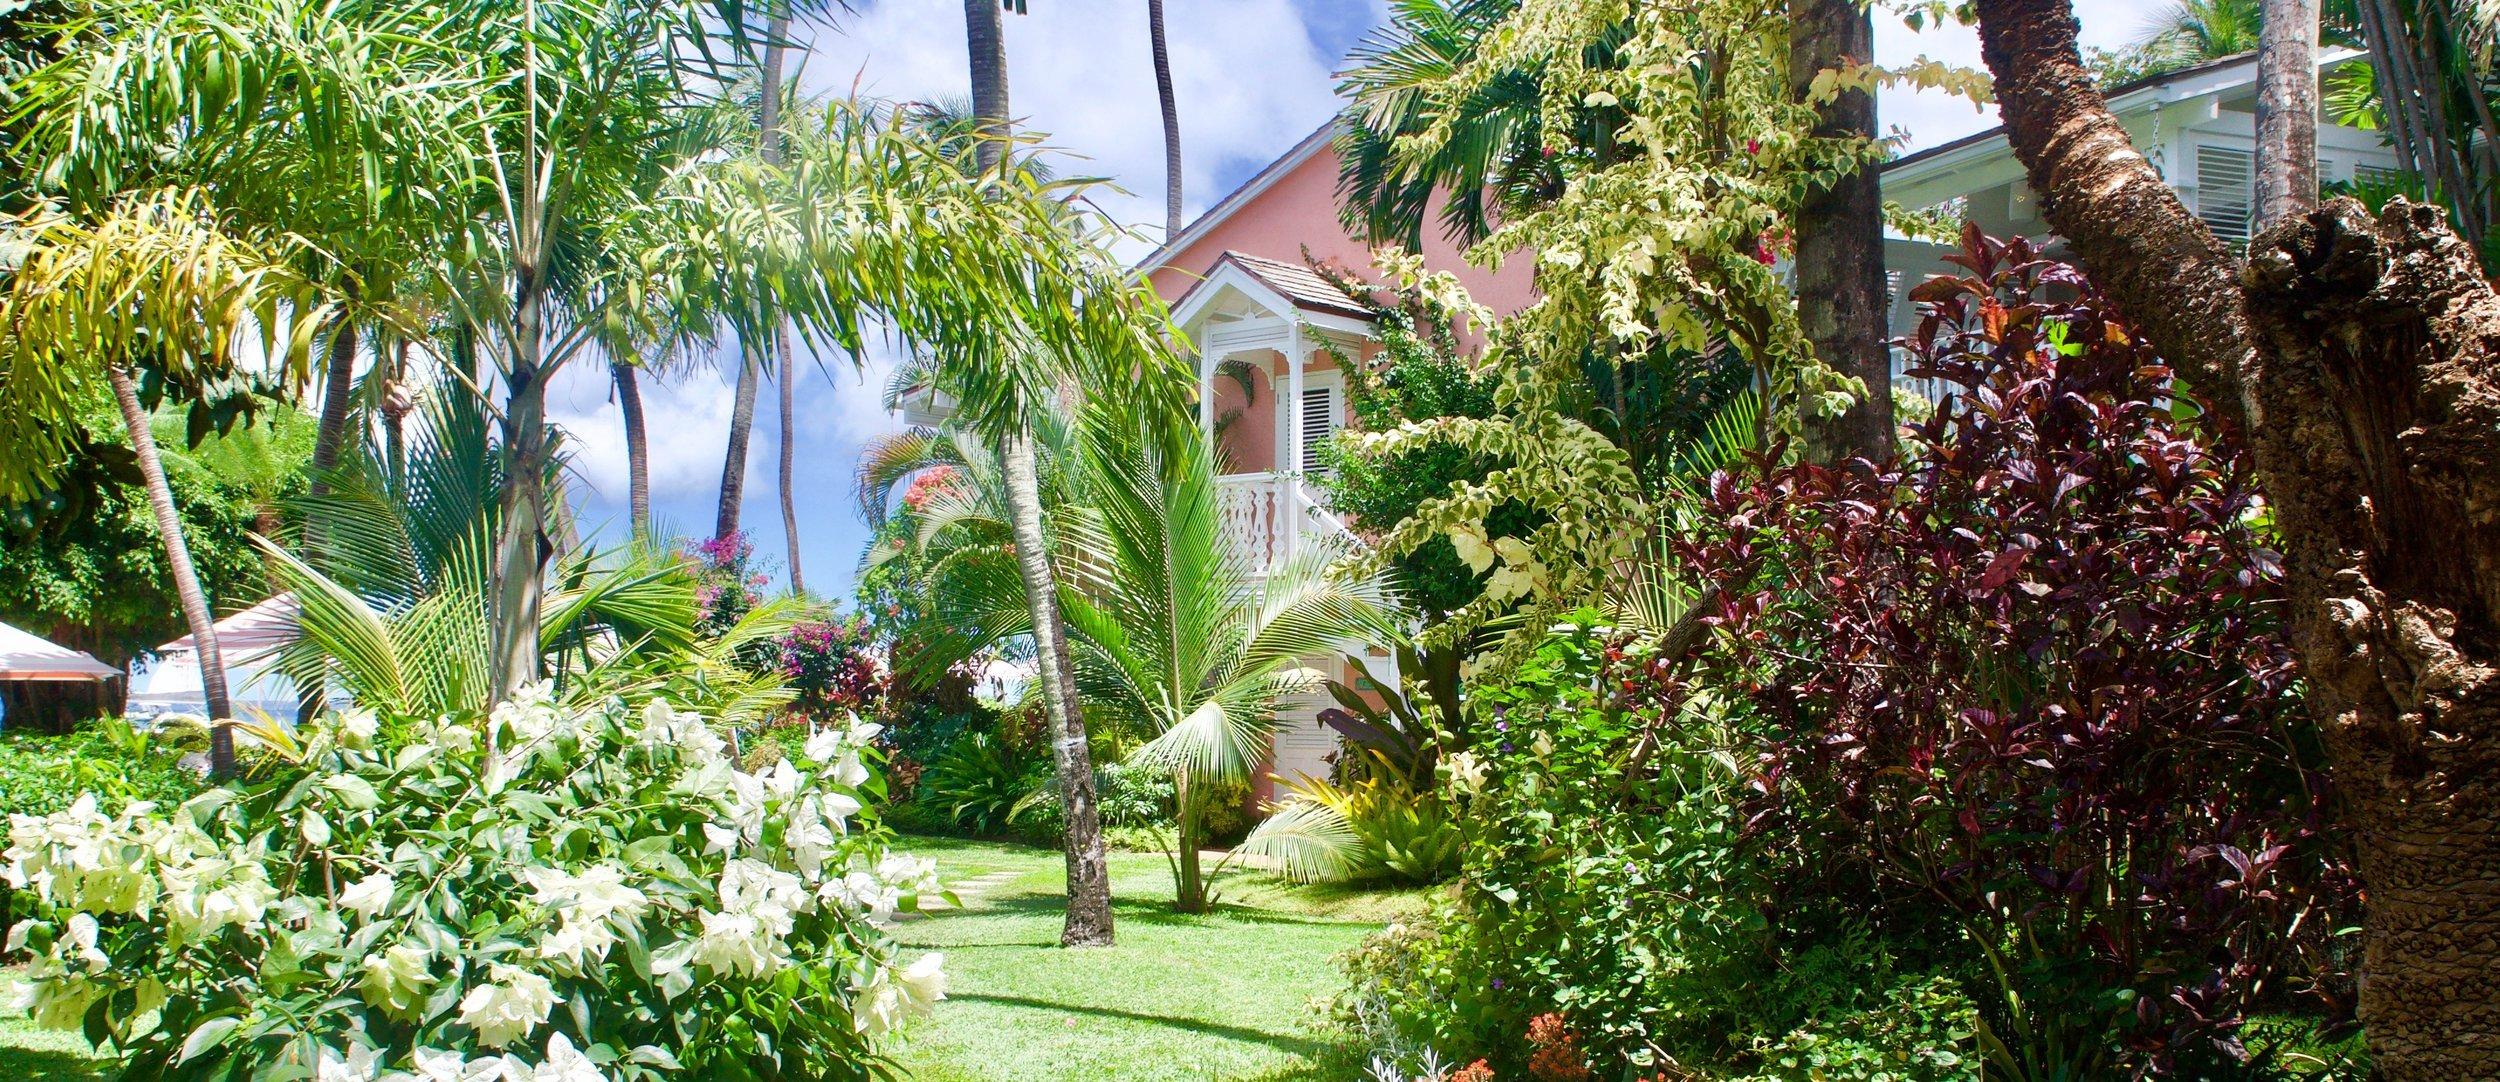 cobblers-cove-barbados-gardens